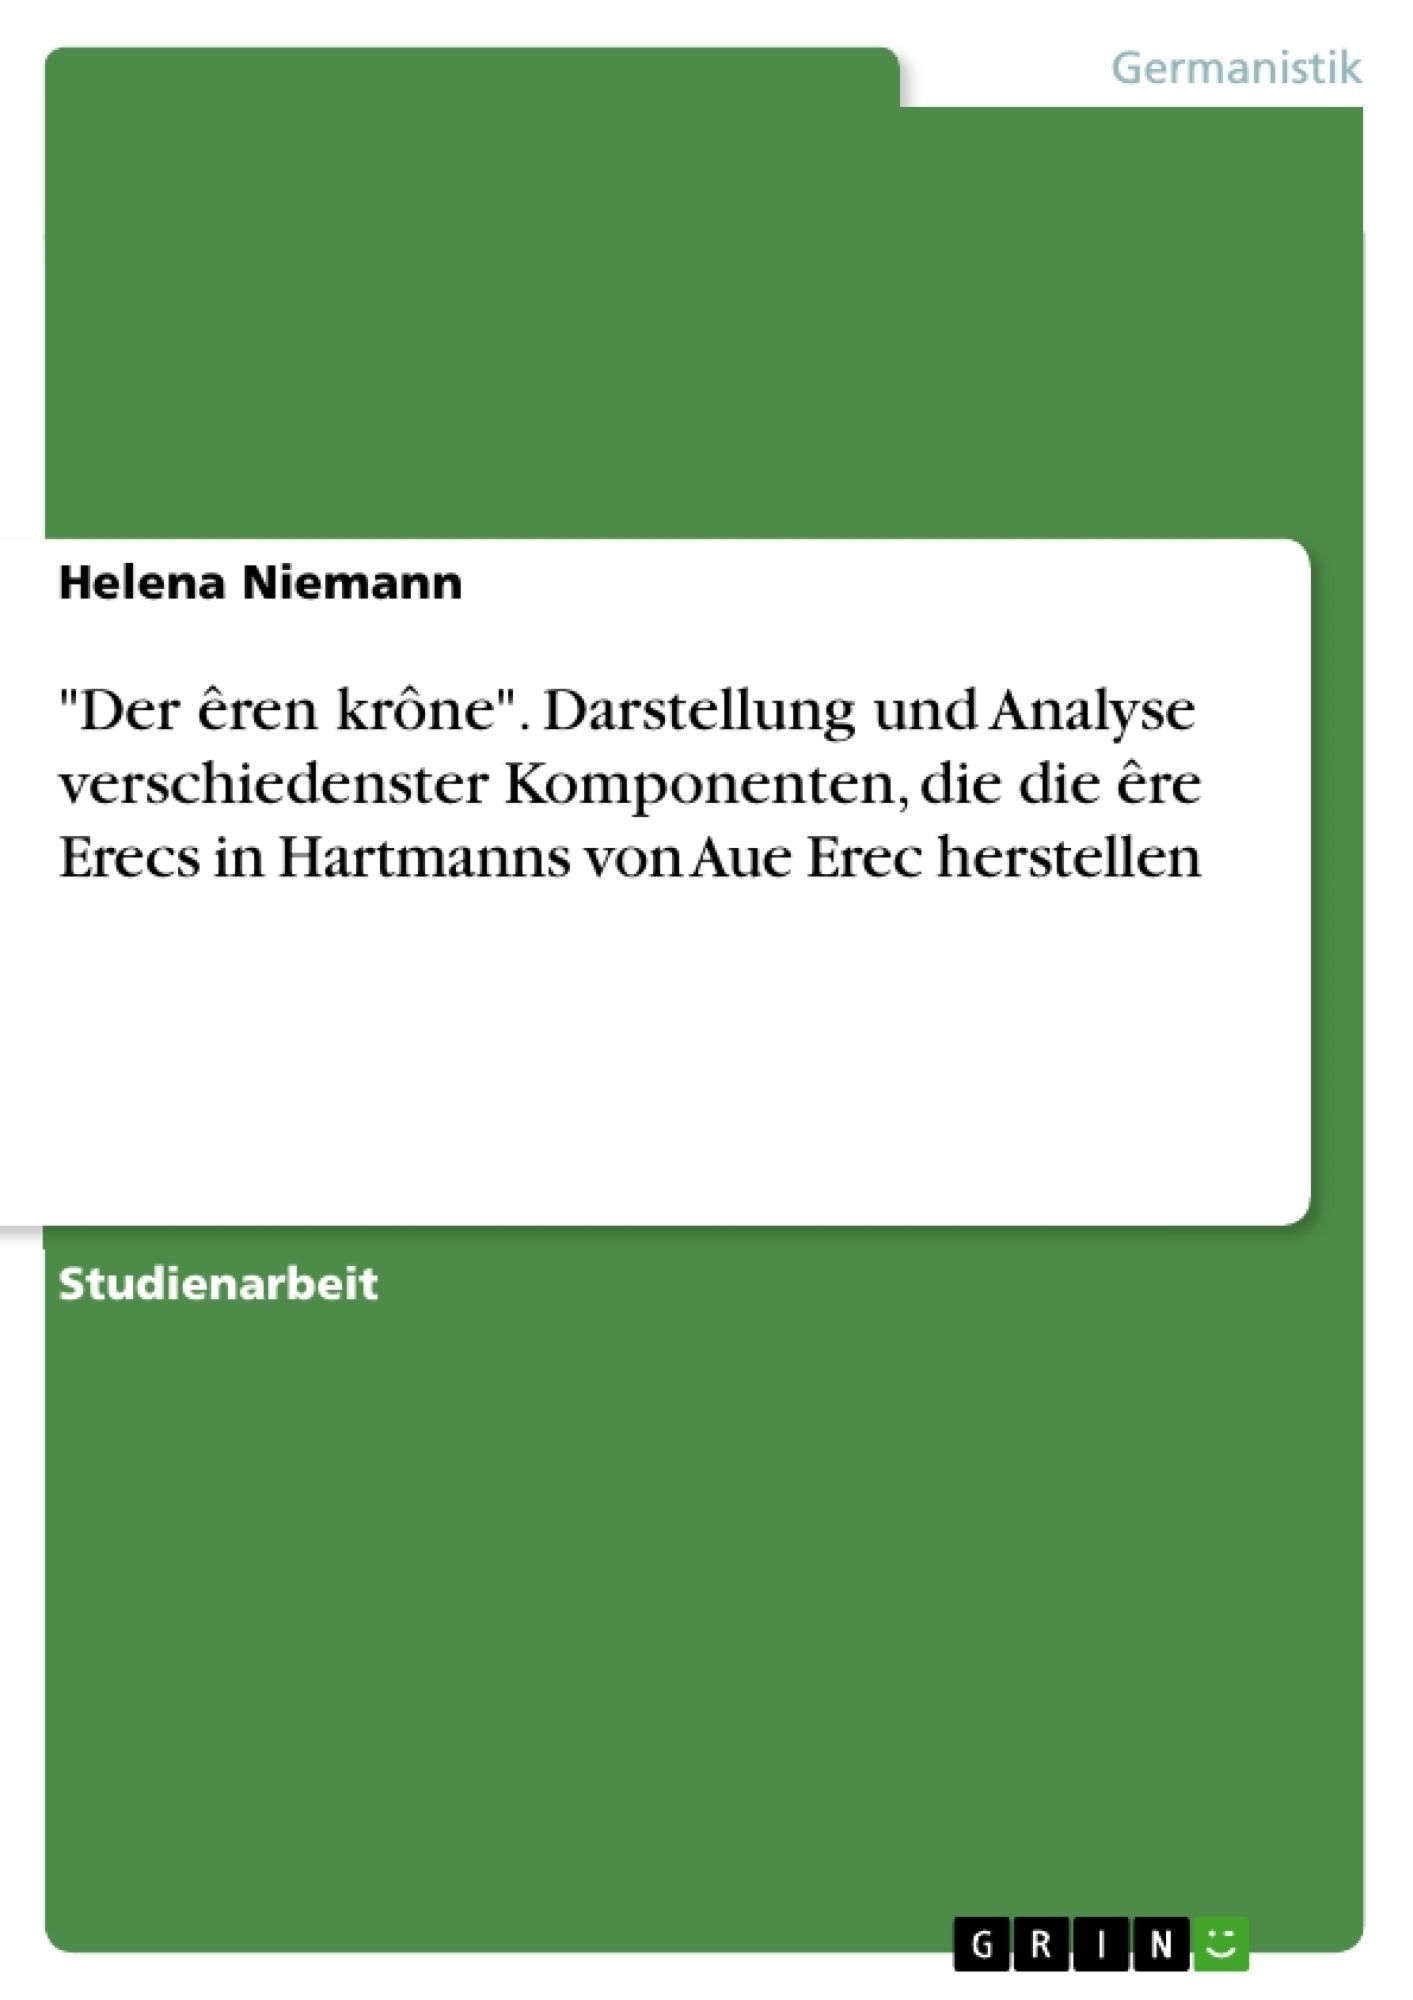 """Titel: """"Der êren krône"""". Darstellung und Analyse verschiedenster Komponenten, die die êre Erecs in Hartmanns von Aue Erec herstellen"""